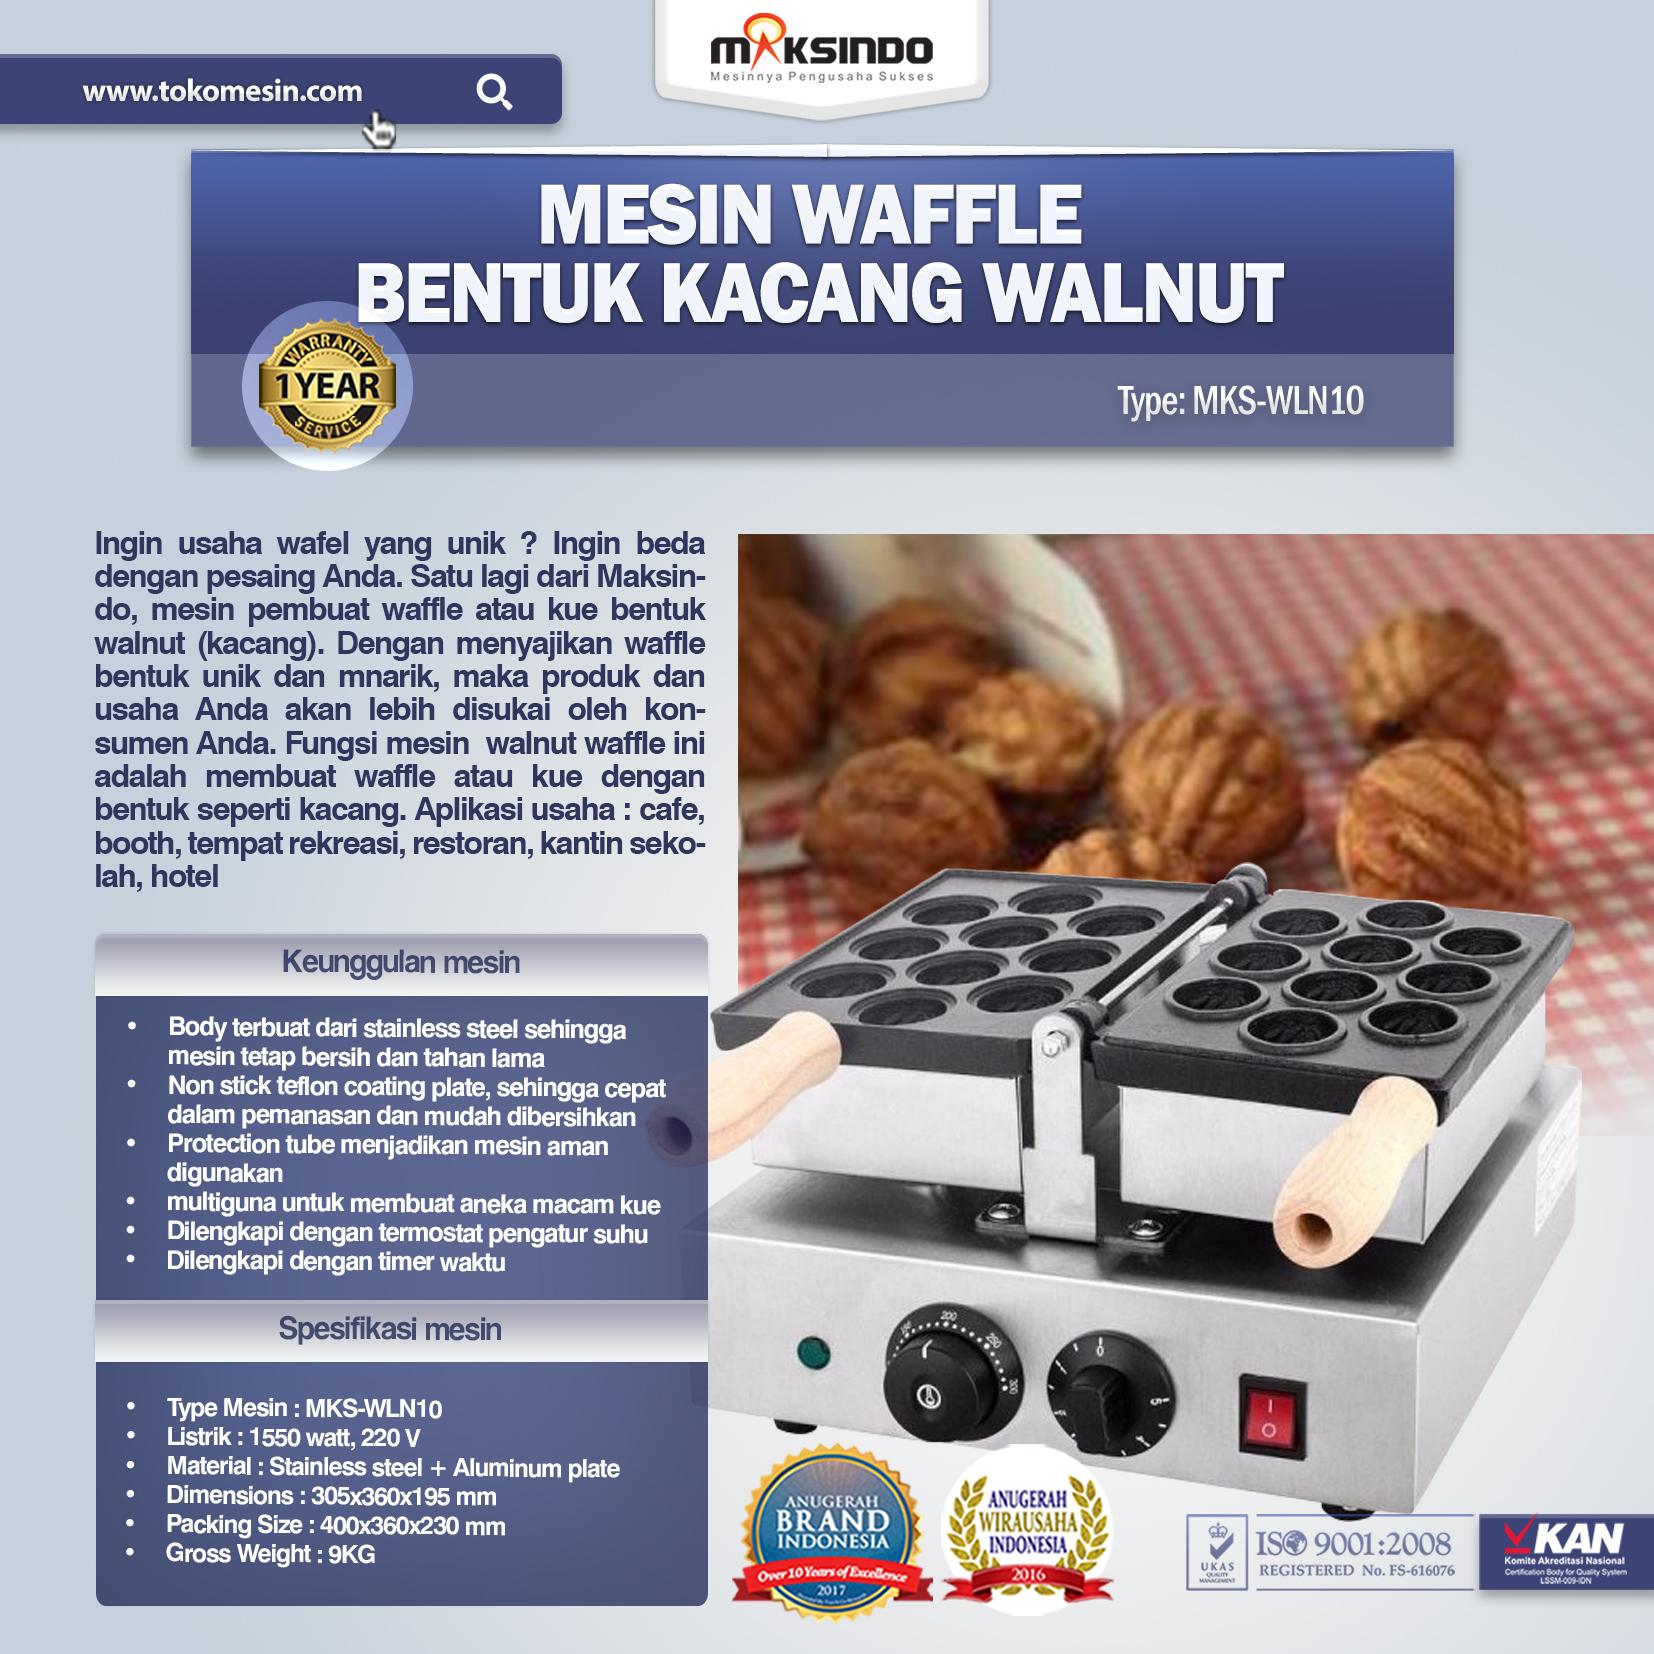 Mesin Waffle Bentuk Kacang Walnut (WLN10)